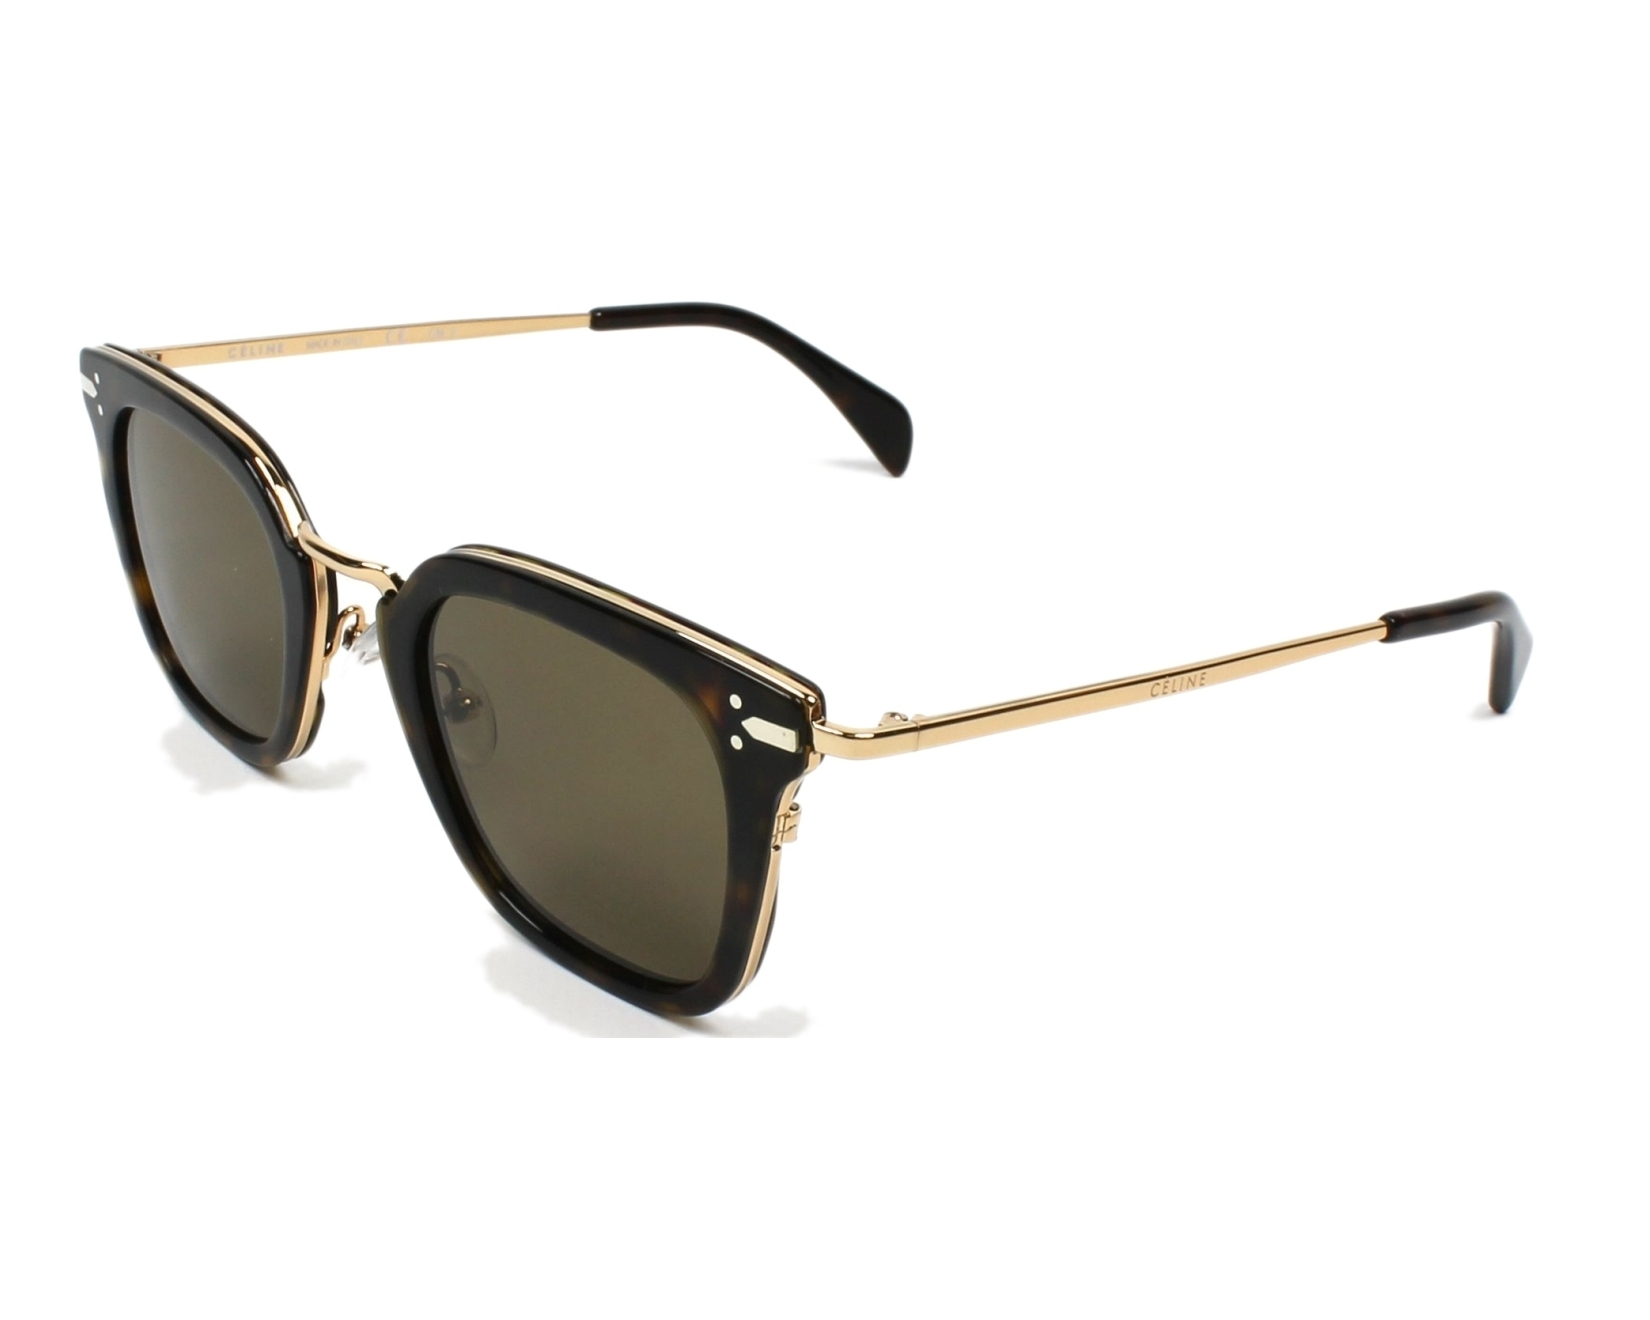 b96029fa17d Sunglasses Céline CL-41402 ANT X7 - Havana Gold profile view